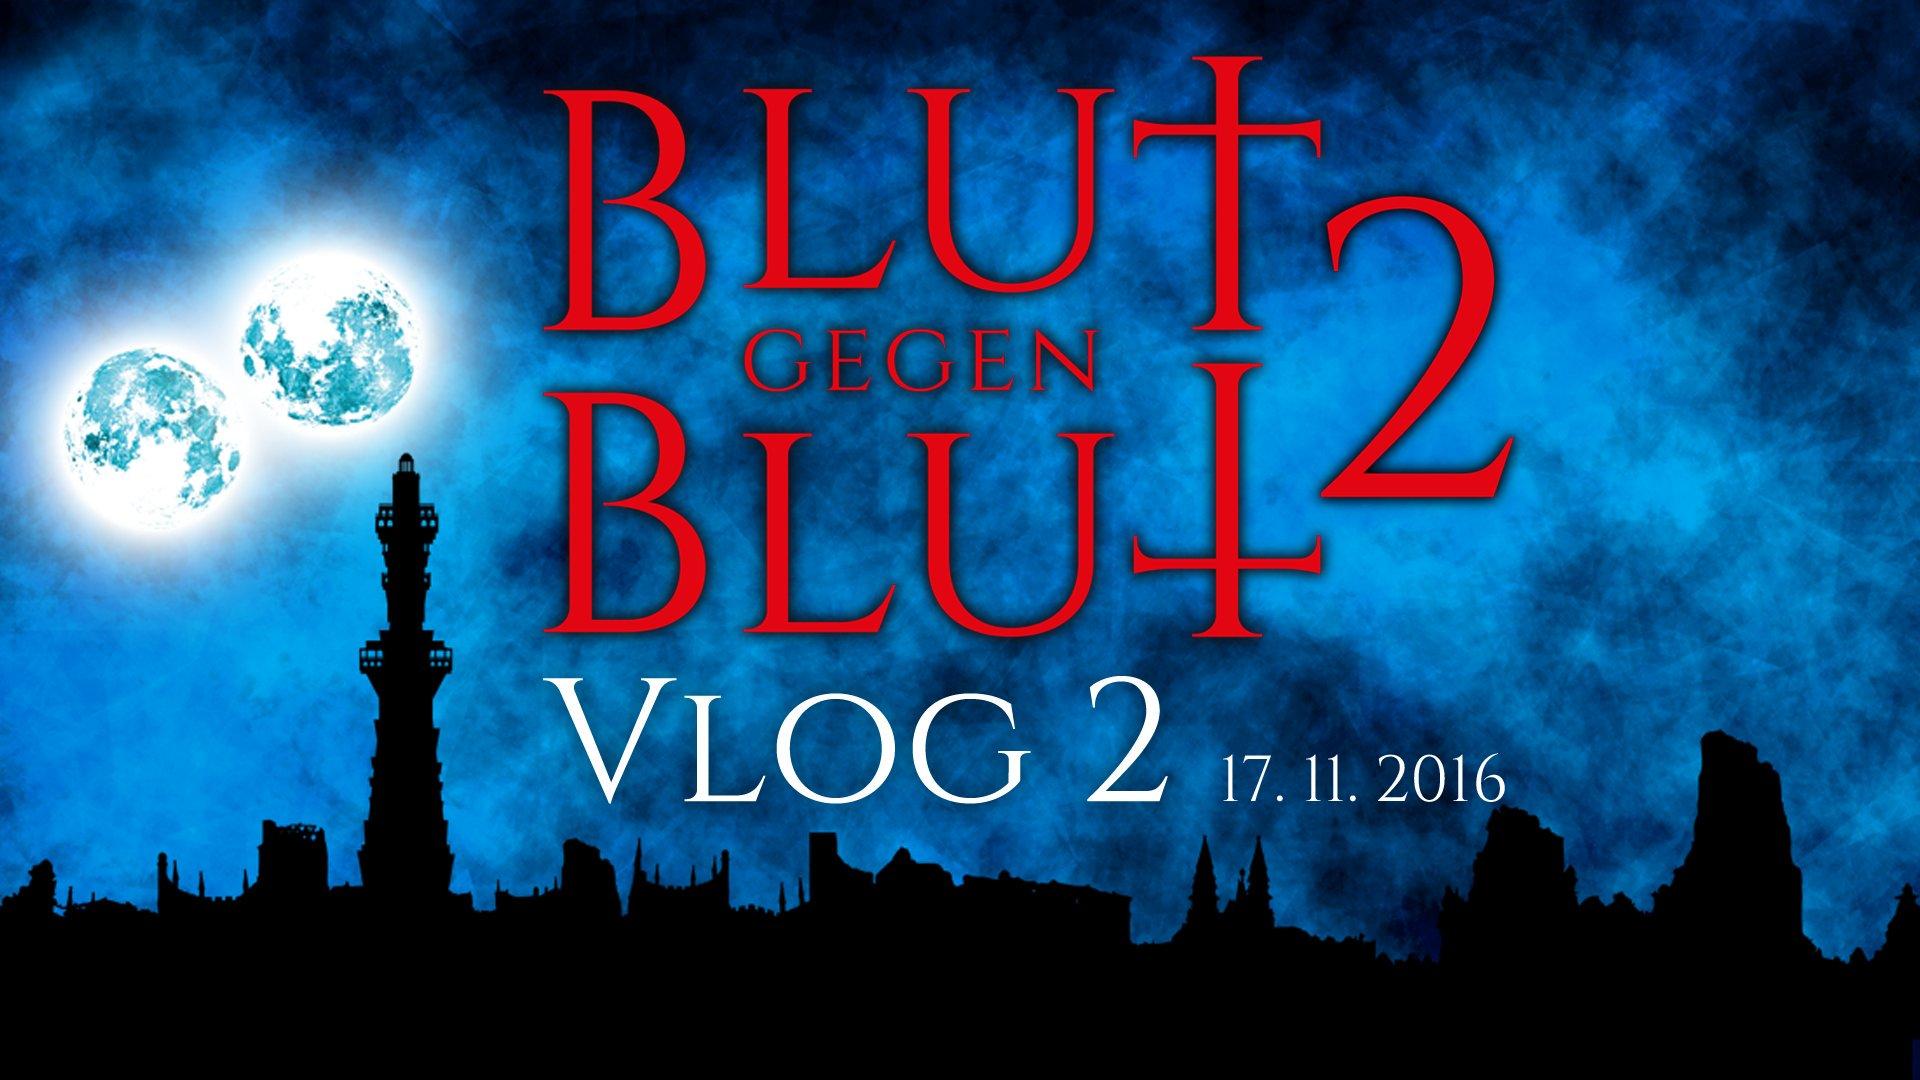 Blut gegen Blut 2 - VLOG 2